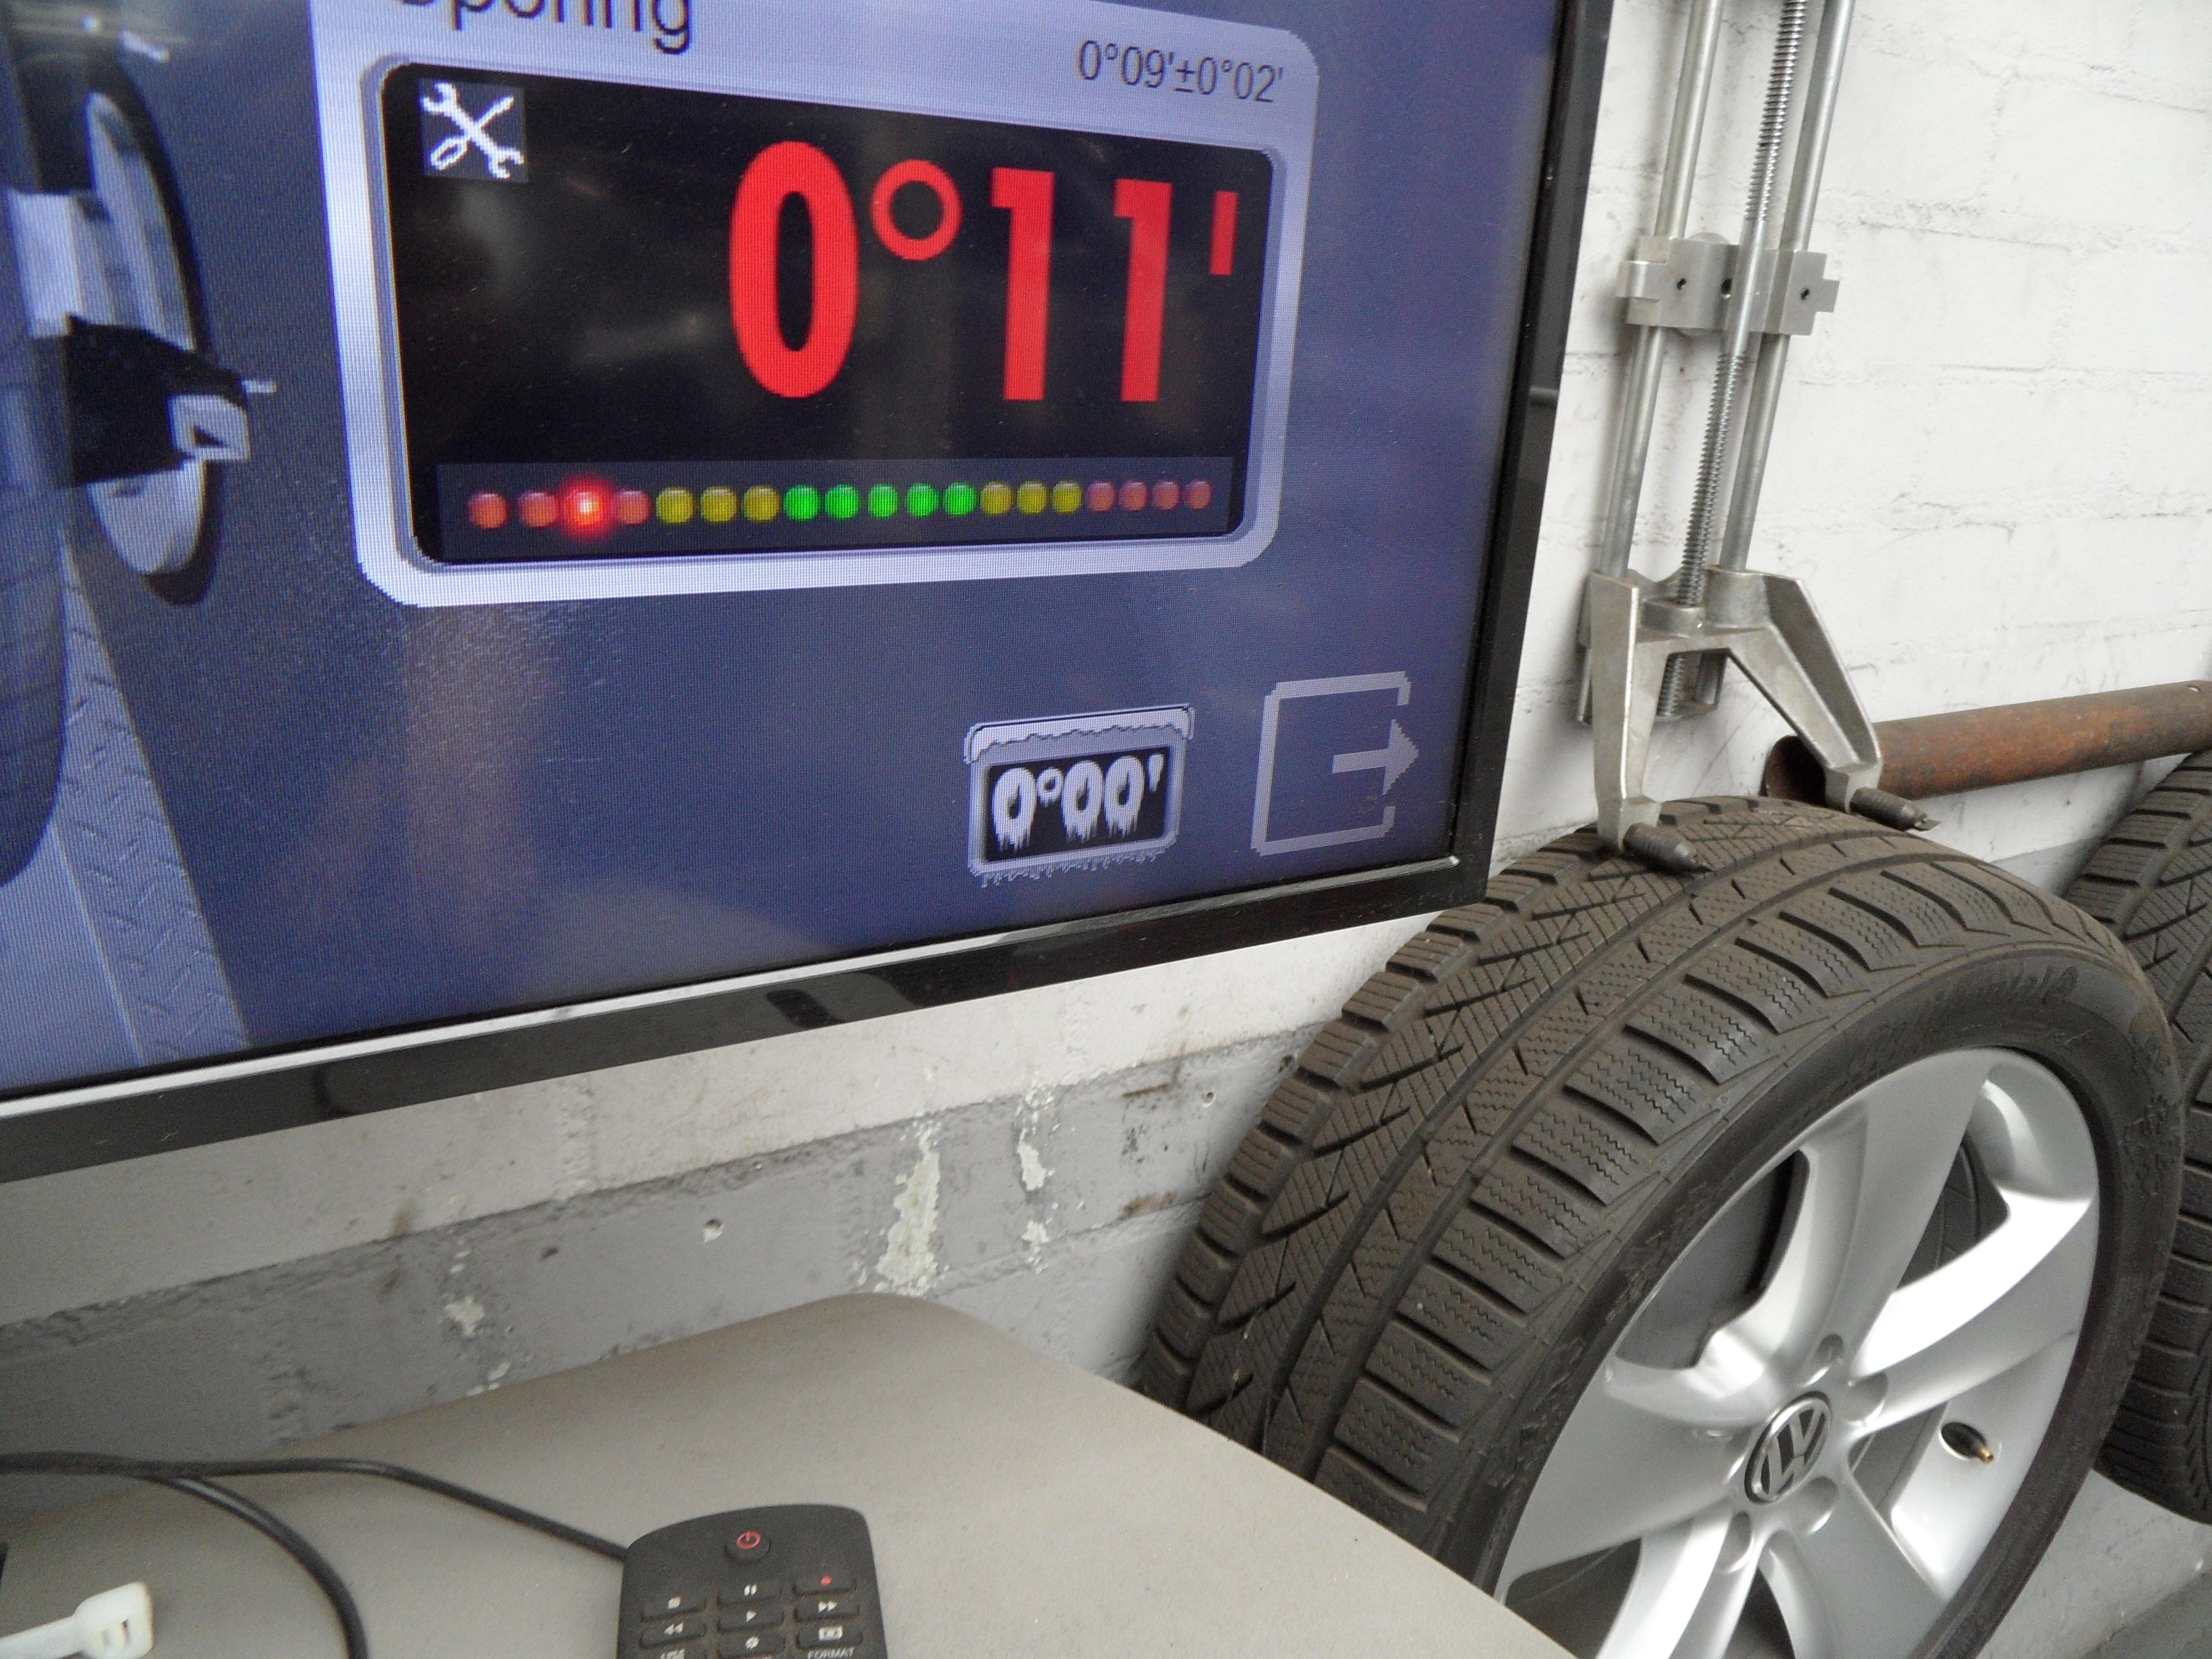 Tijd om onder de auto aan de slag te gaan. Maar niet voordat Roland de meetdata 'bevroren' heeft. Als hij de brug heft, verandert de positionering van de targets ten opzichte van de camera's. Door de data te 'freezen', worden de huidige meetwaarden als kalibratiewaarden opgeslagen, ongeacht de hoogte en beweging van de brug.